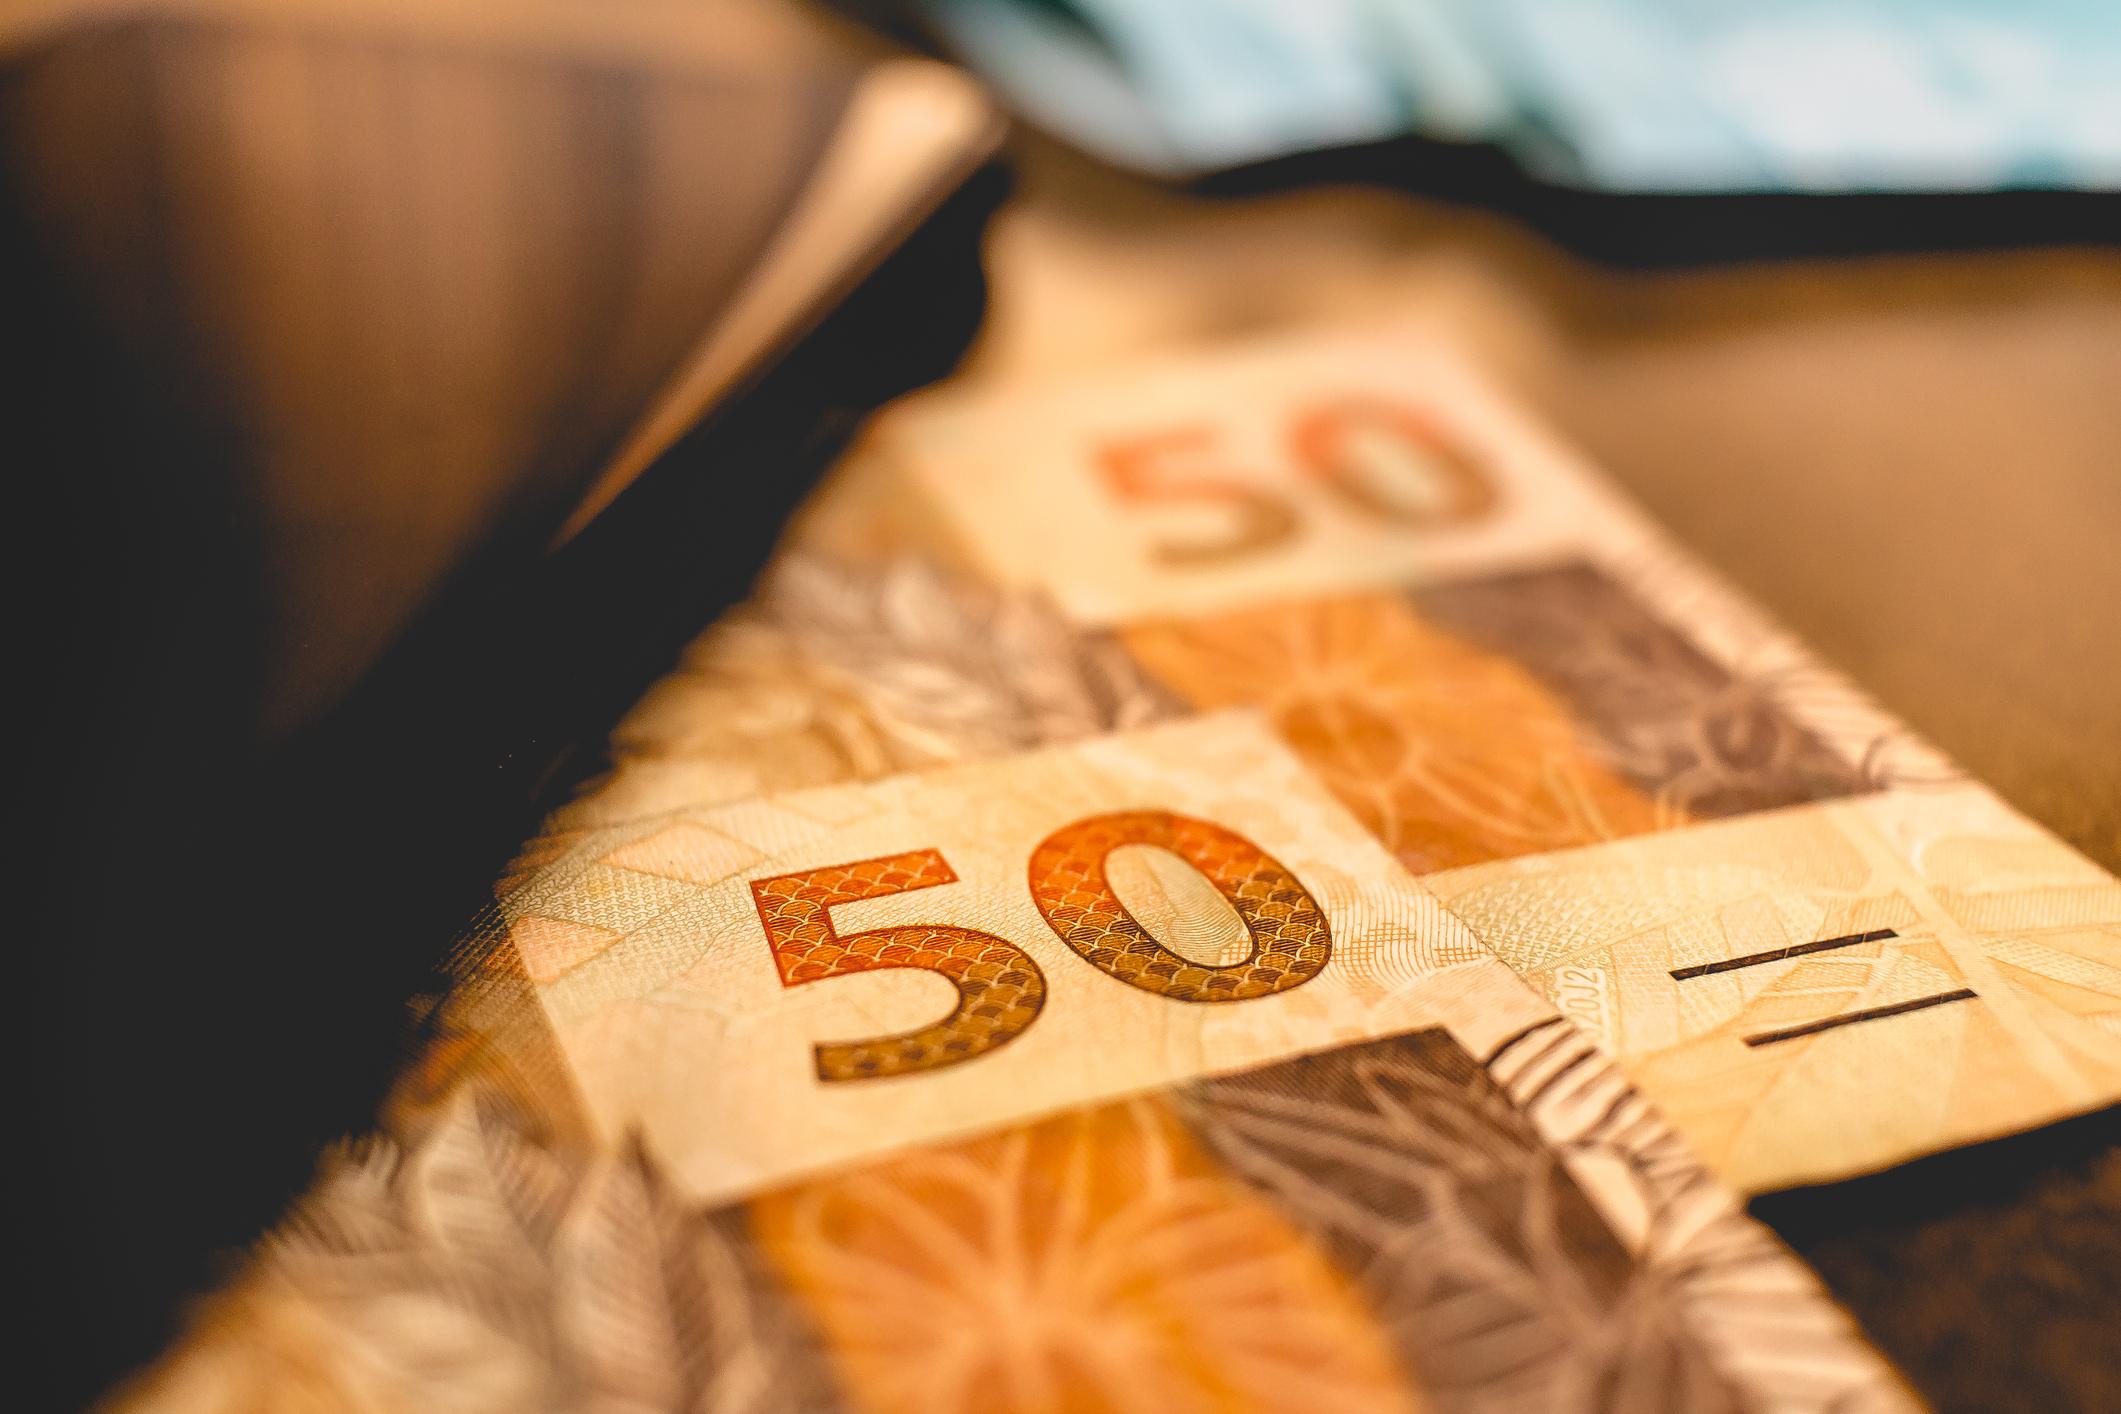 invistaja.info - Nova proposta de auxílio de R$ 400 em 2022 terá parte extra-teto, diz fonte à Reuters